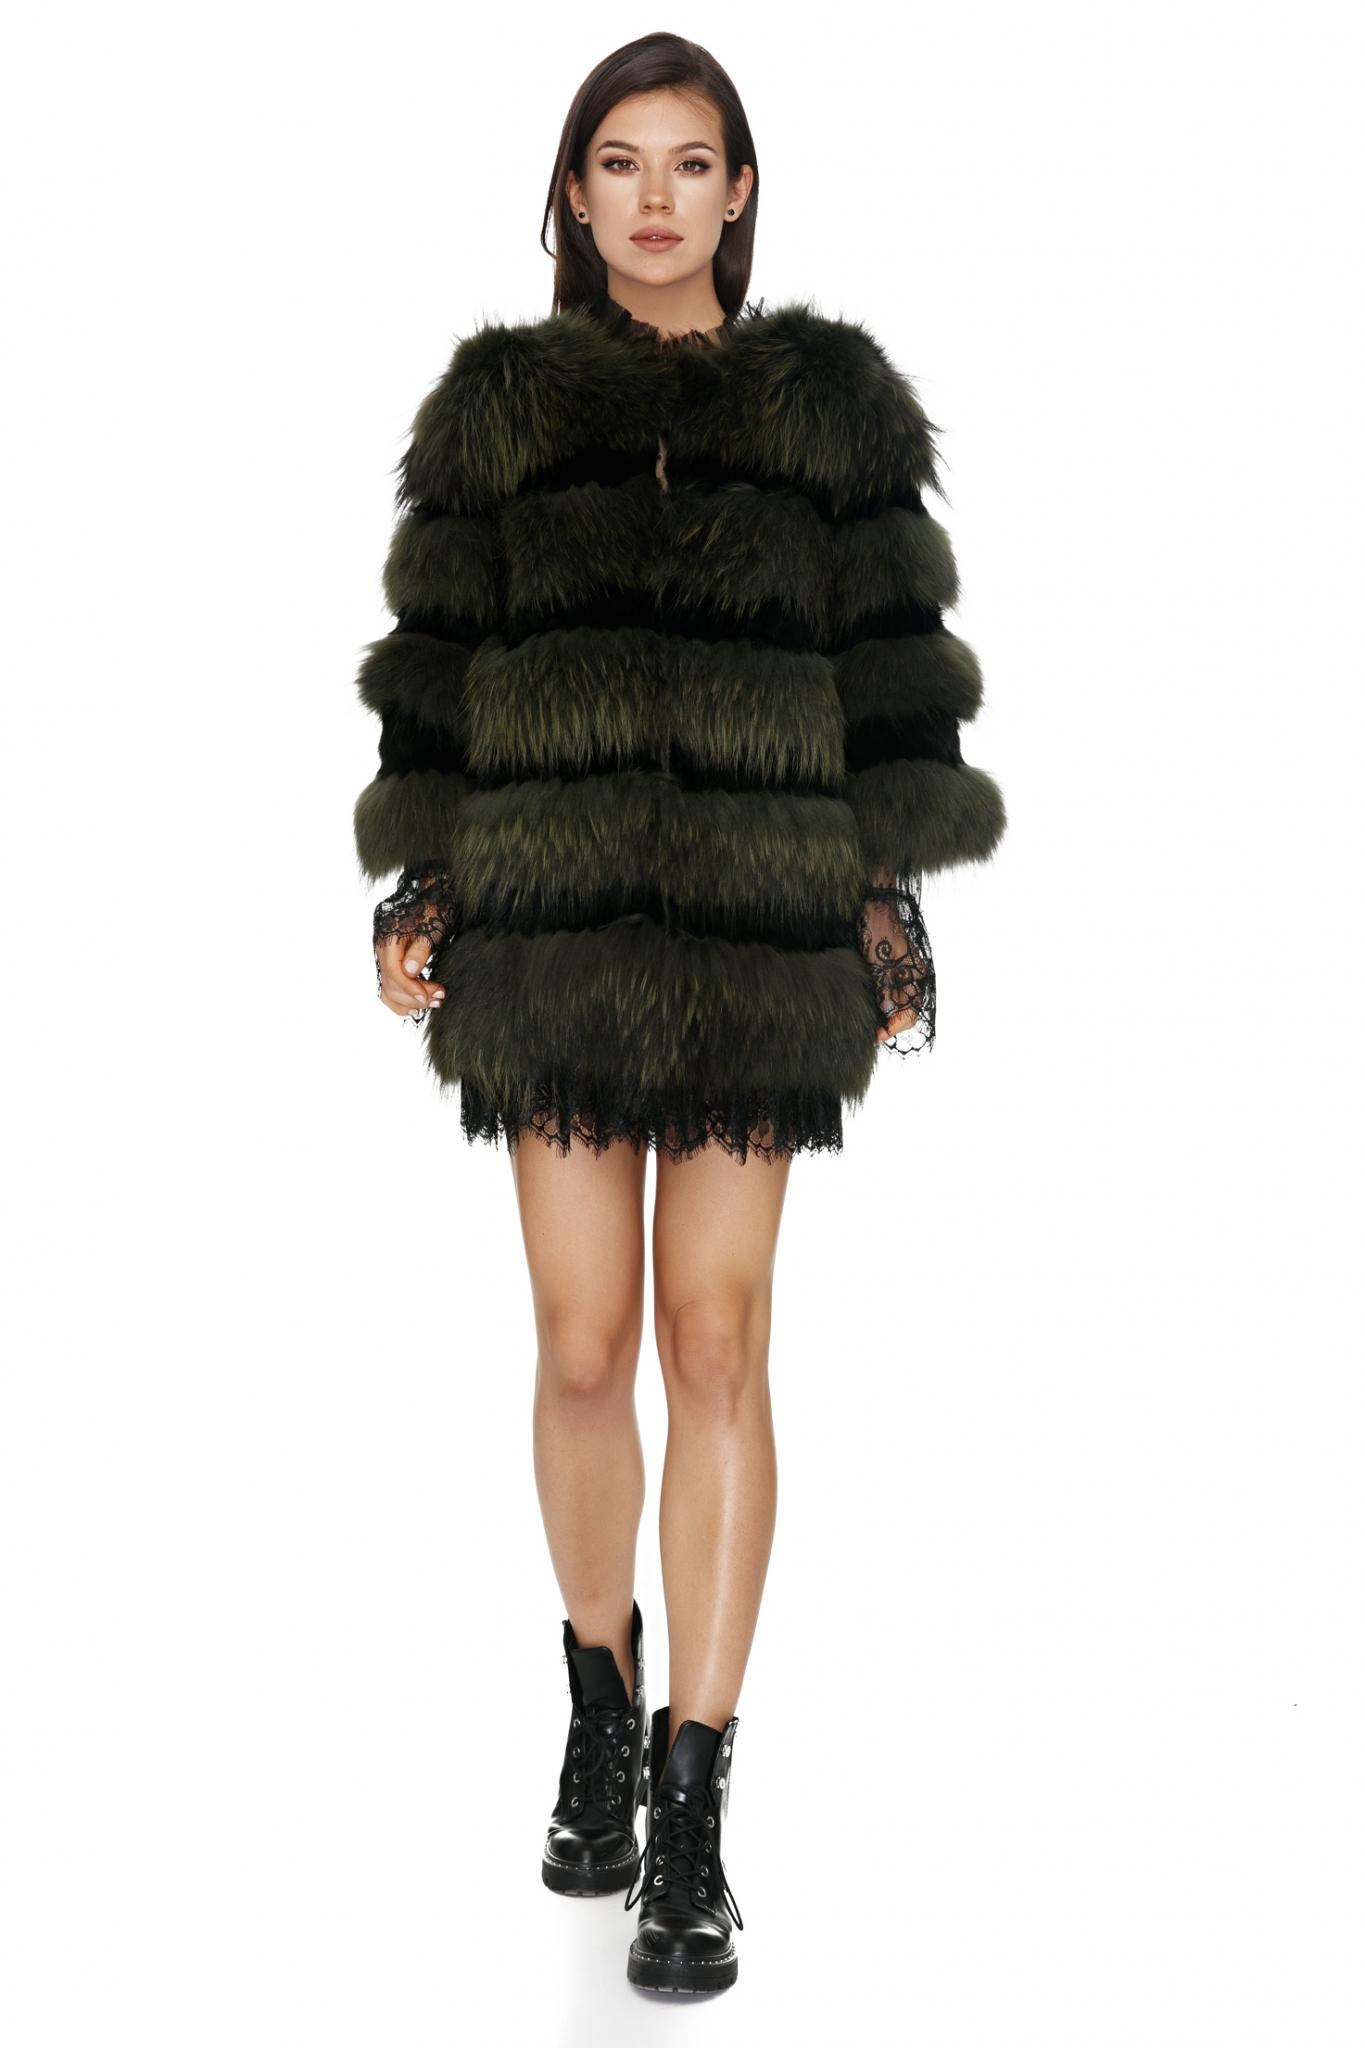 khaki-fur-coat-front